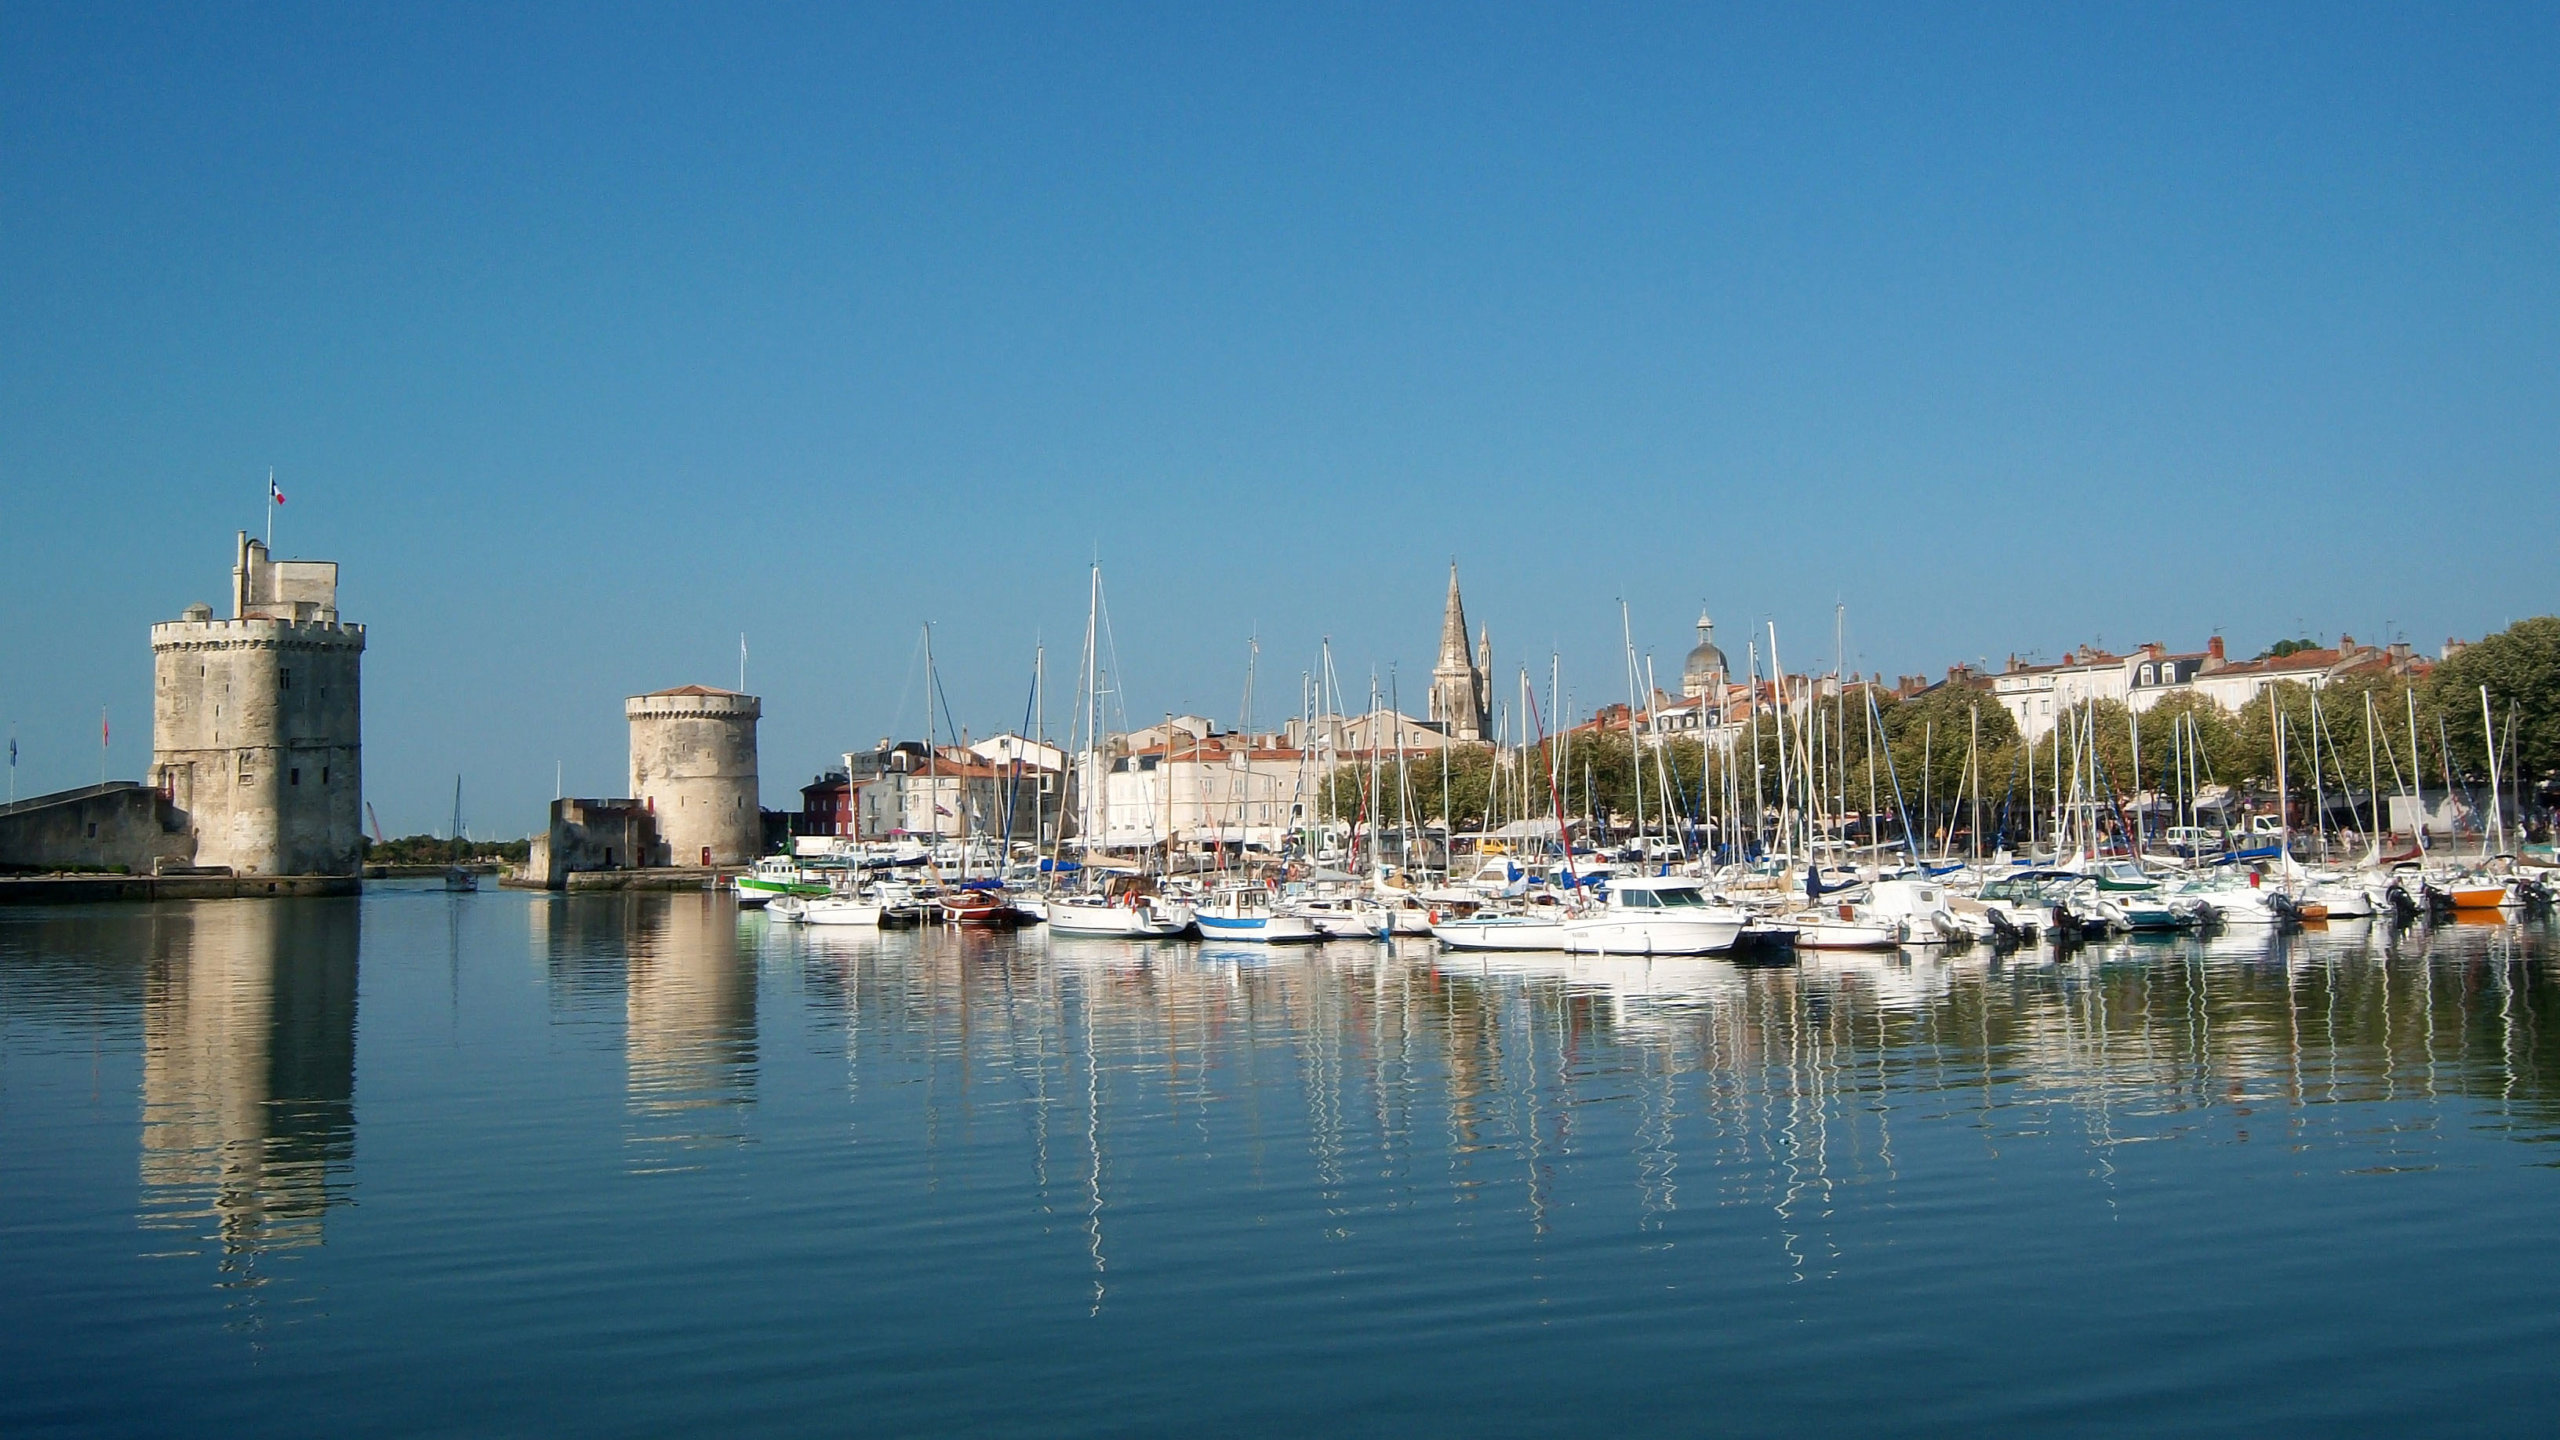 Port de plaisance de La Rochelle avec l'entrée entre les deux tours